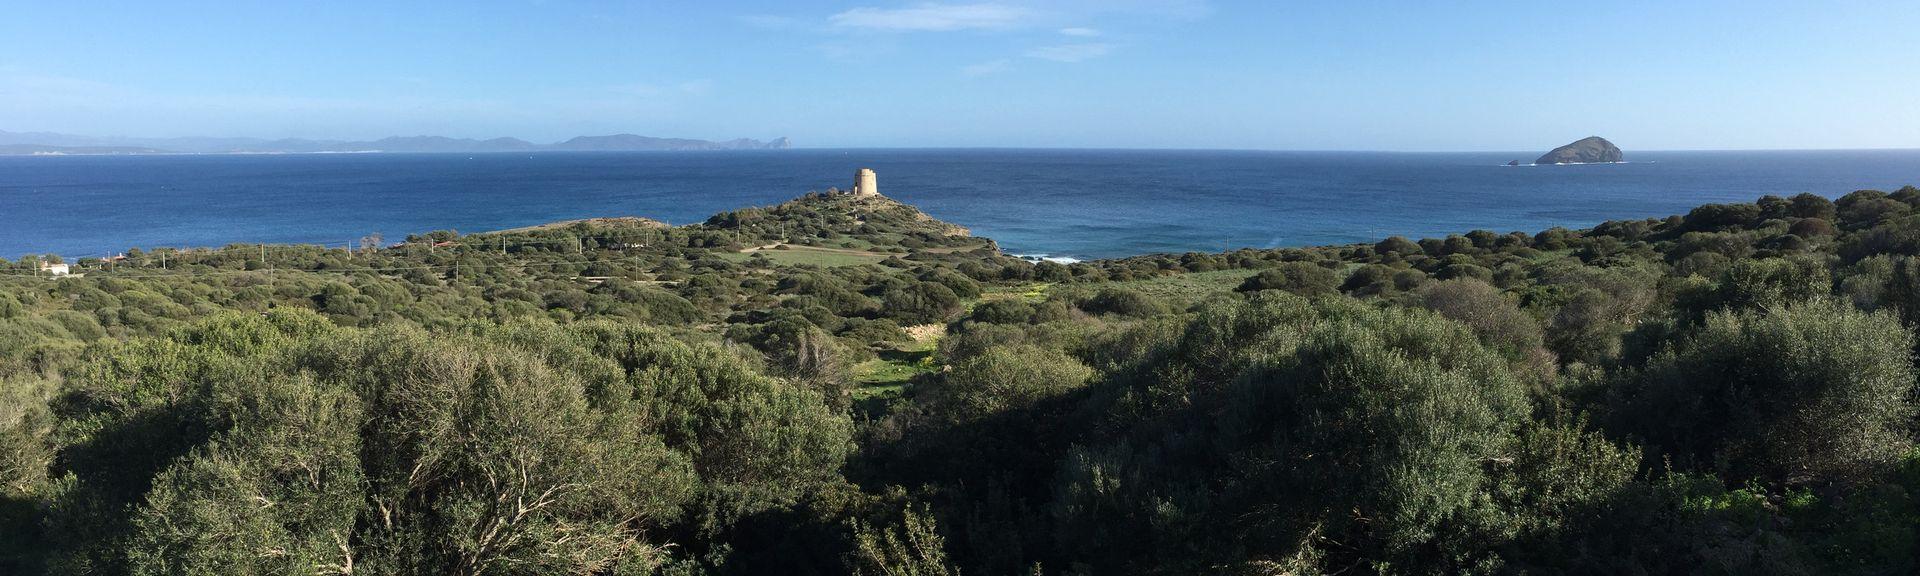 Porto Pino, South Sardinia, Sardinia, Italy